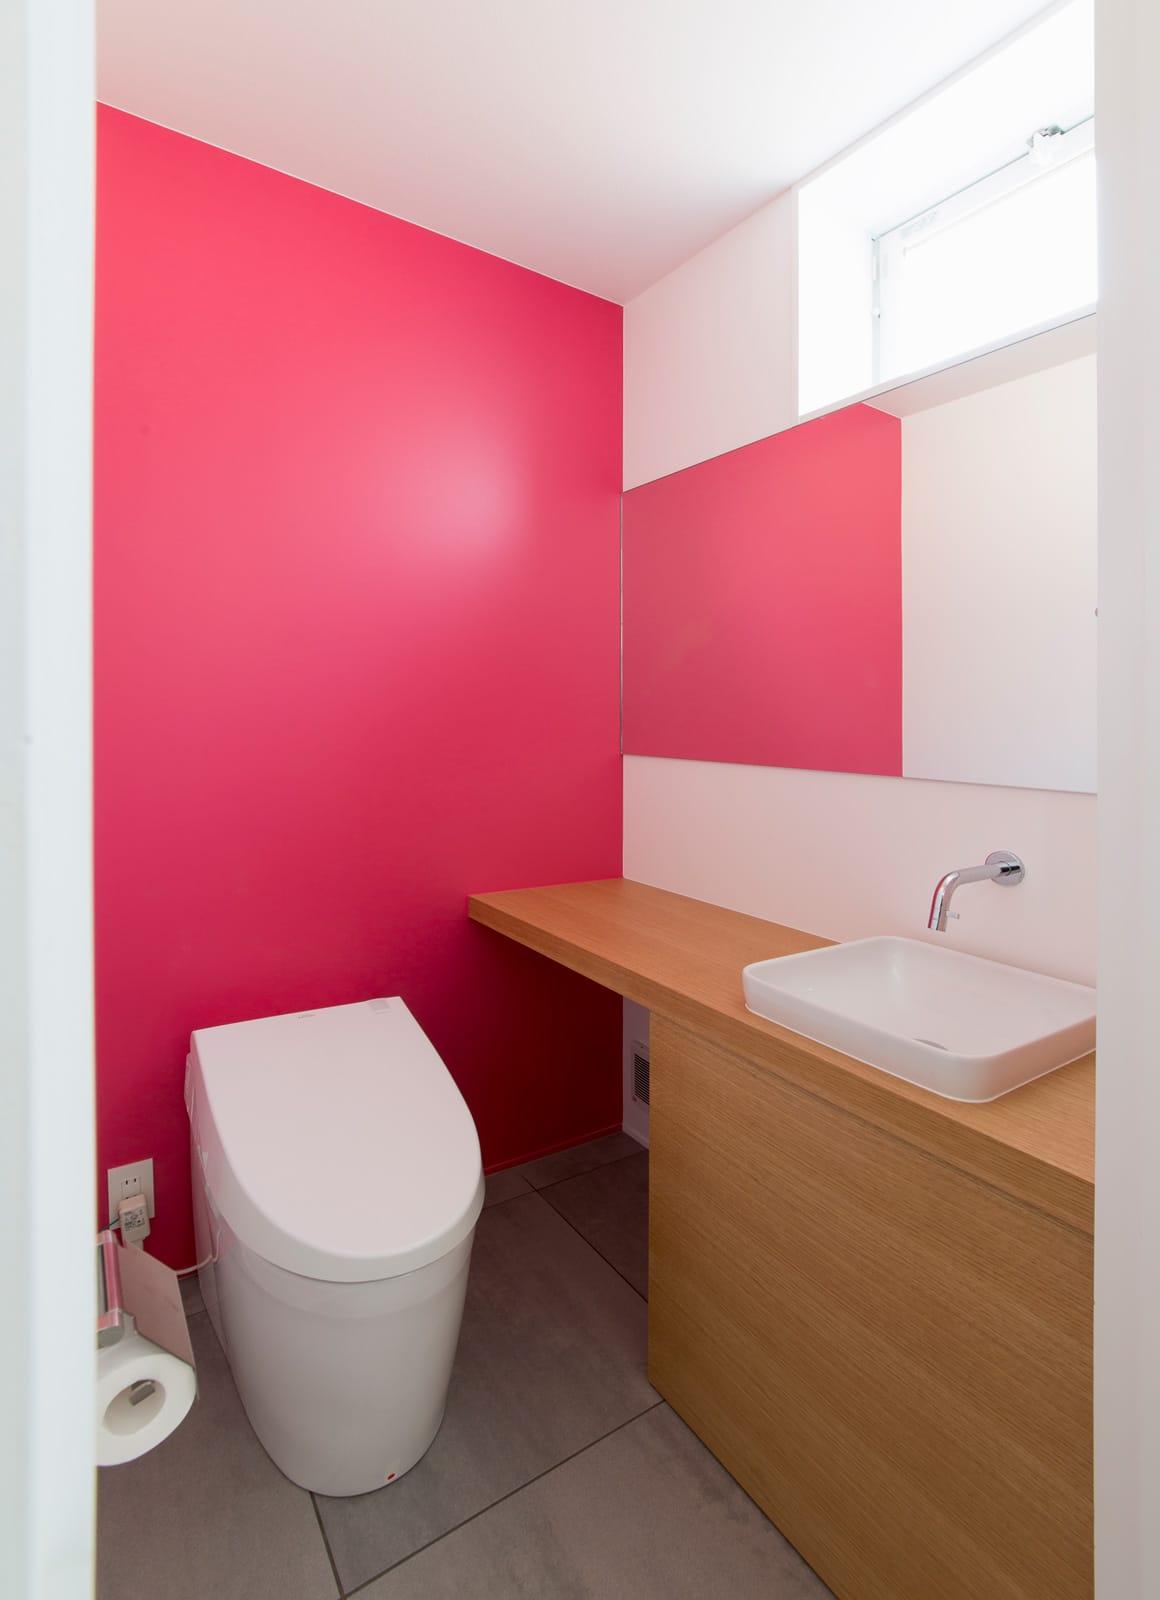 サンルームのある二世帯住宅のトイレ1